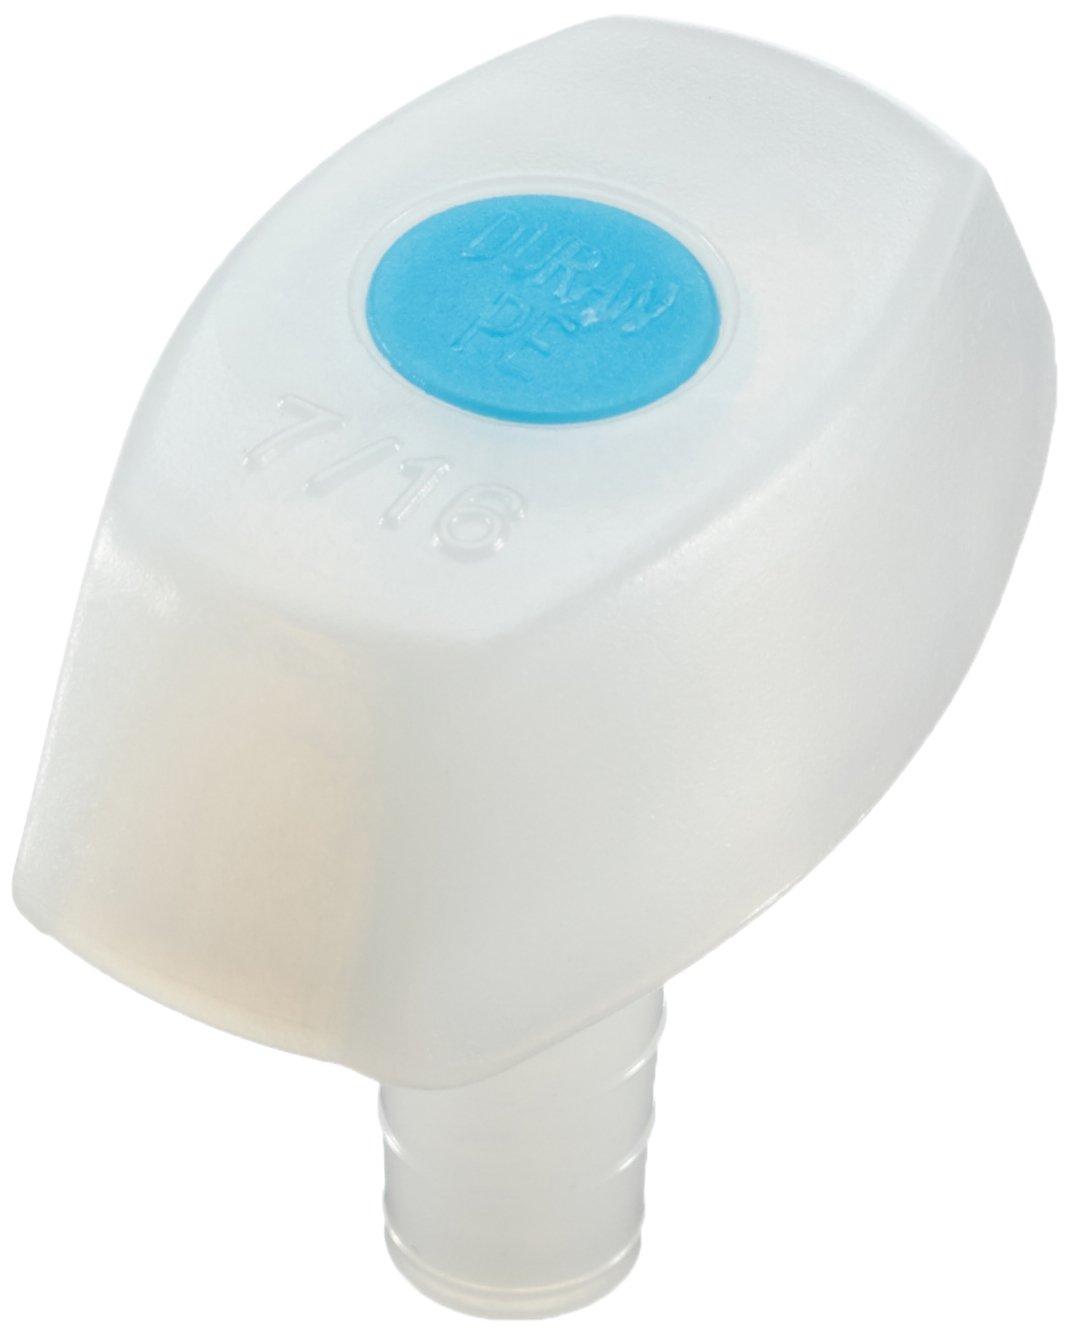 DURAN 292050201 Kunststoff-Stopfen aus Polyethylen, mit Einsatz, NS 7/16, Blau (10-er Pack) DURAN Group GmbH